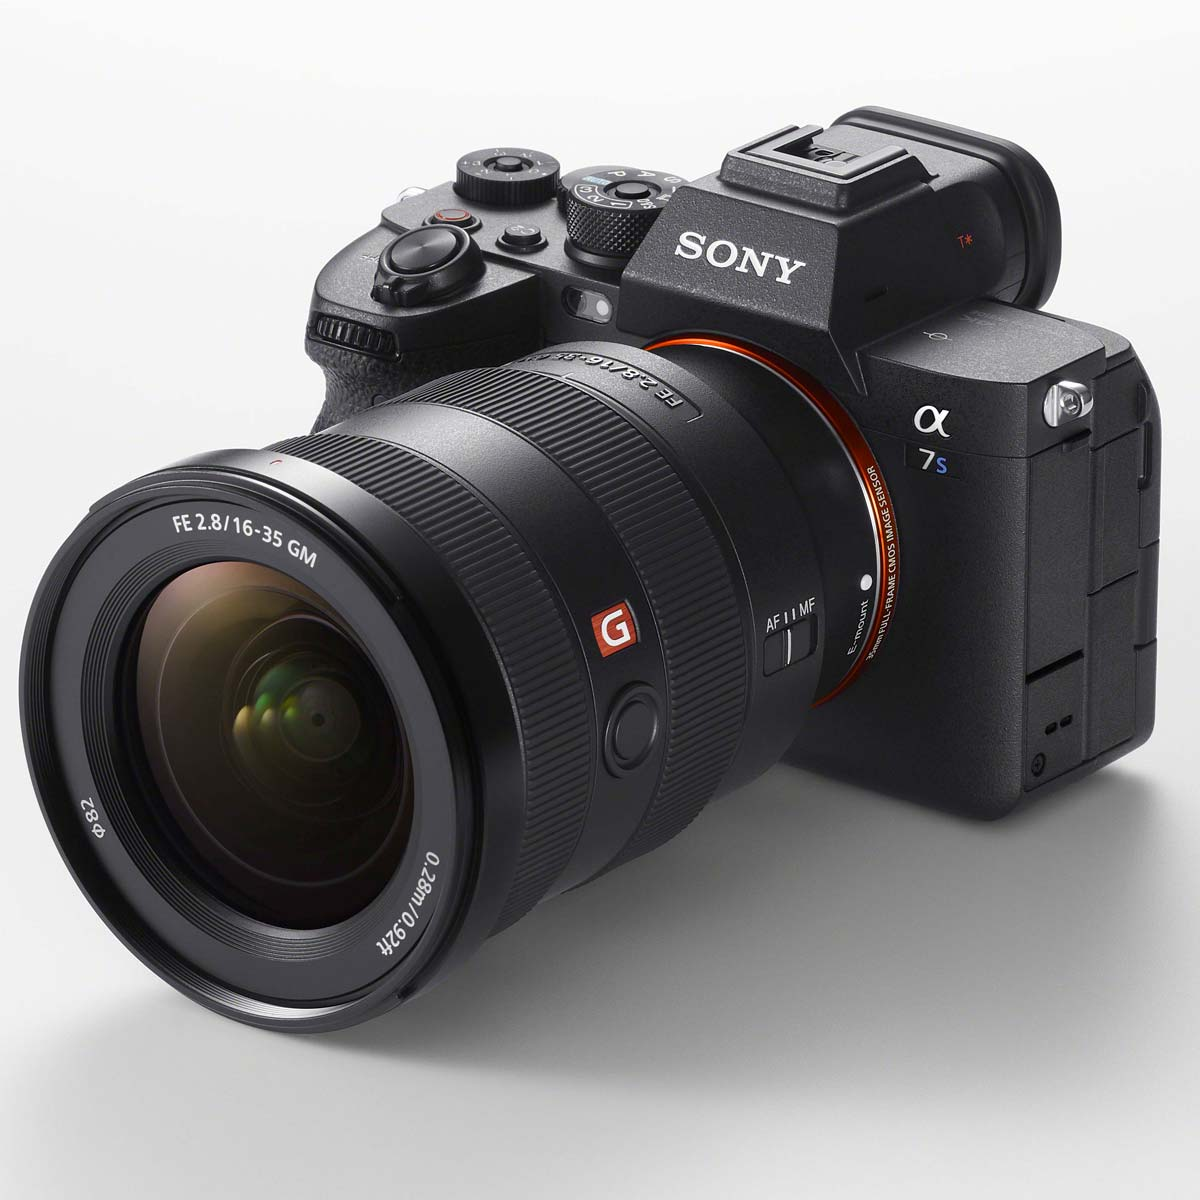 ソニー、4K/120p対応の「α7S III」発表。有効約1210万画素の裏面照射型センサー採用